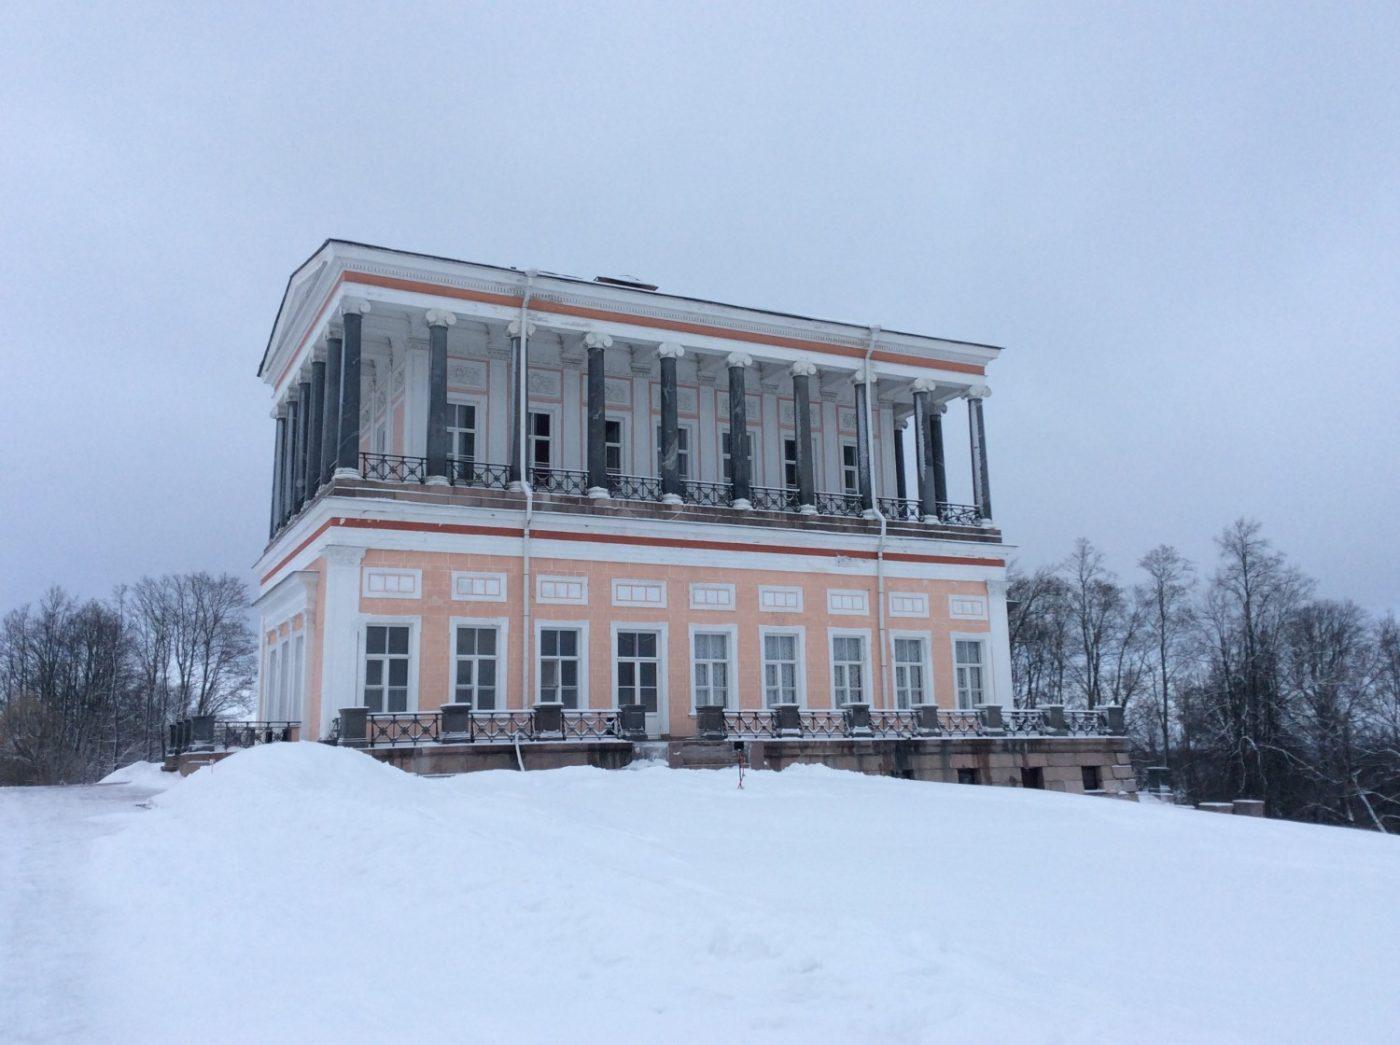 Бельведер — Античный дворец на Бабигонских высотах